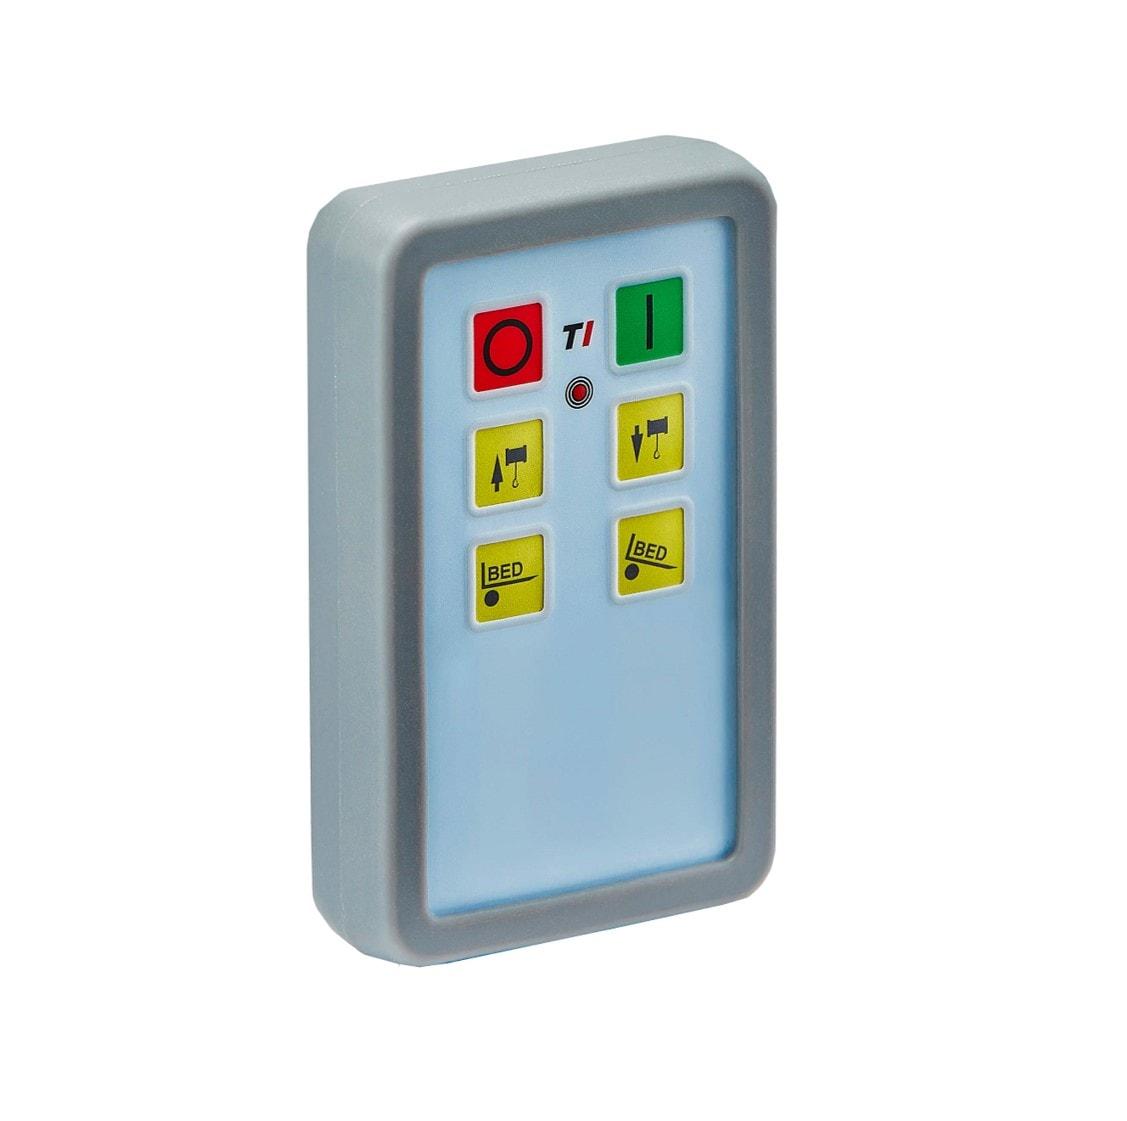 Funkfernsteuerung Slimline mit 4 Funktionen